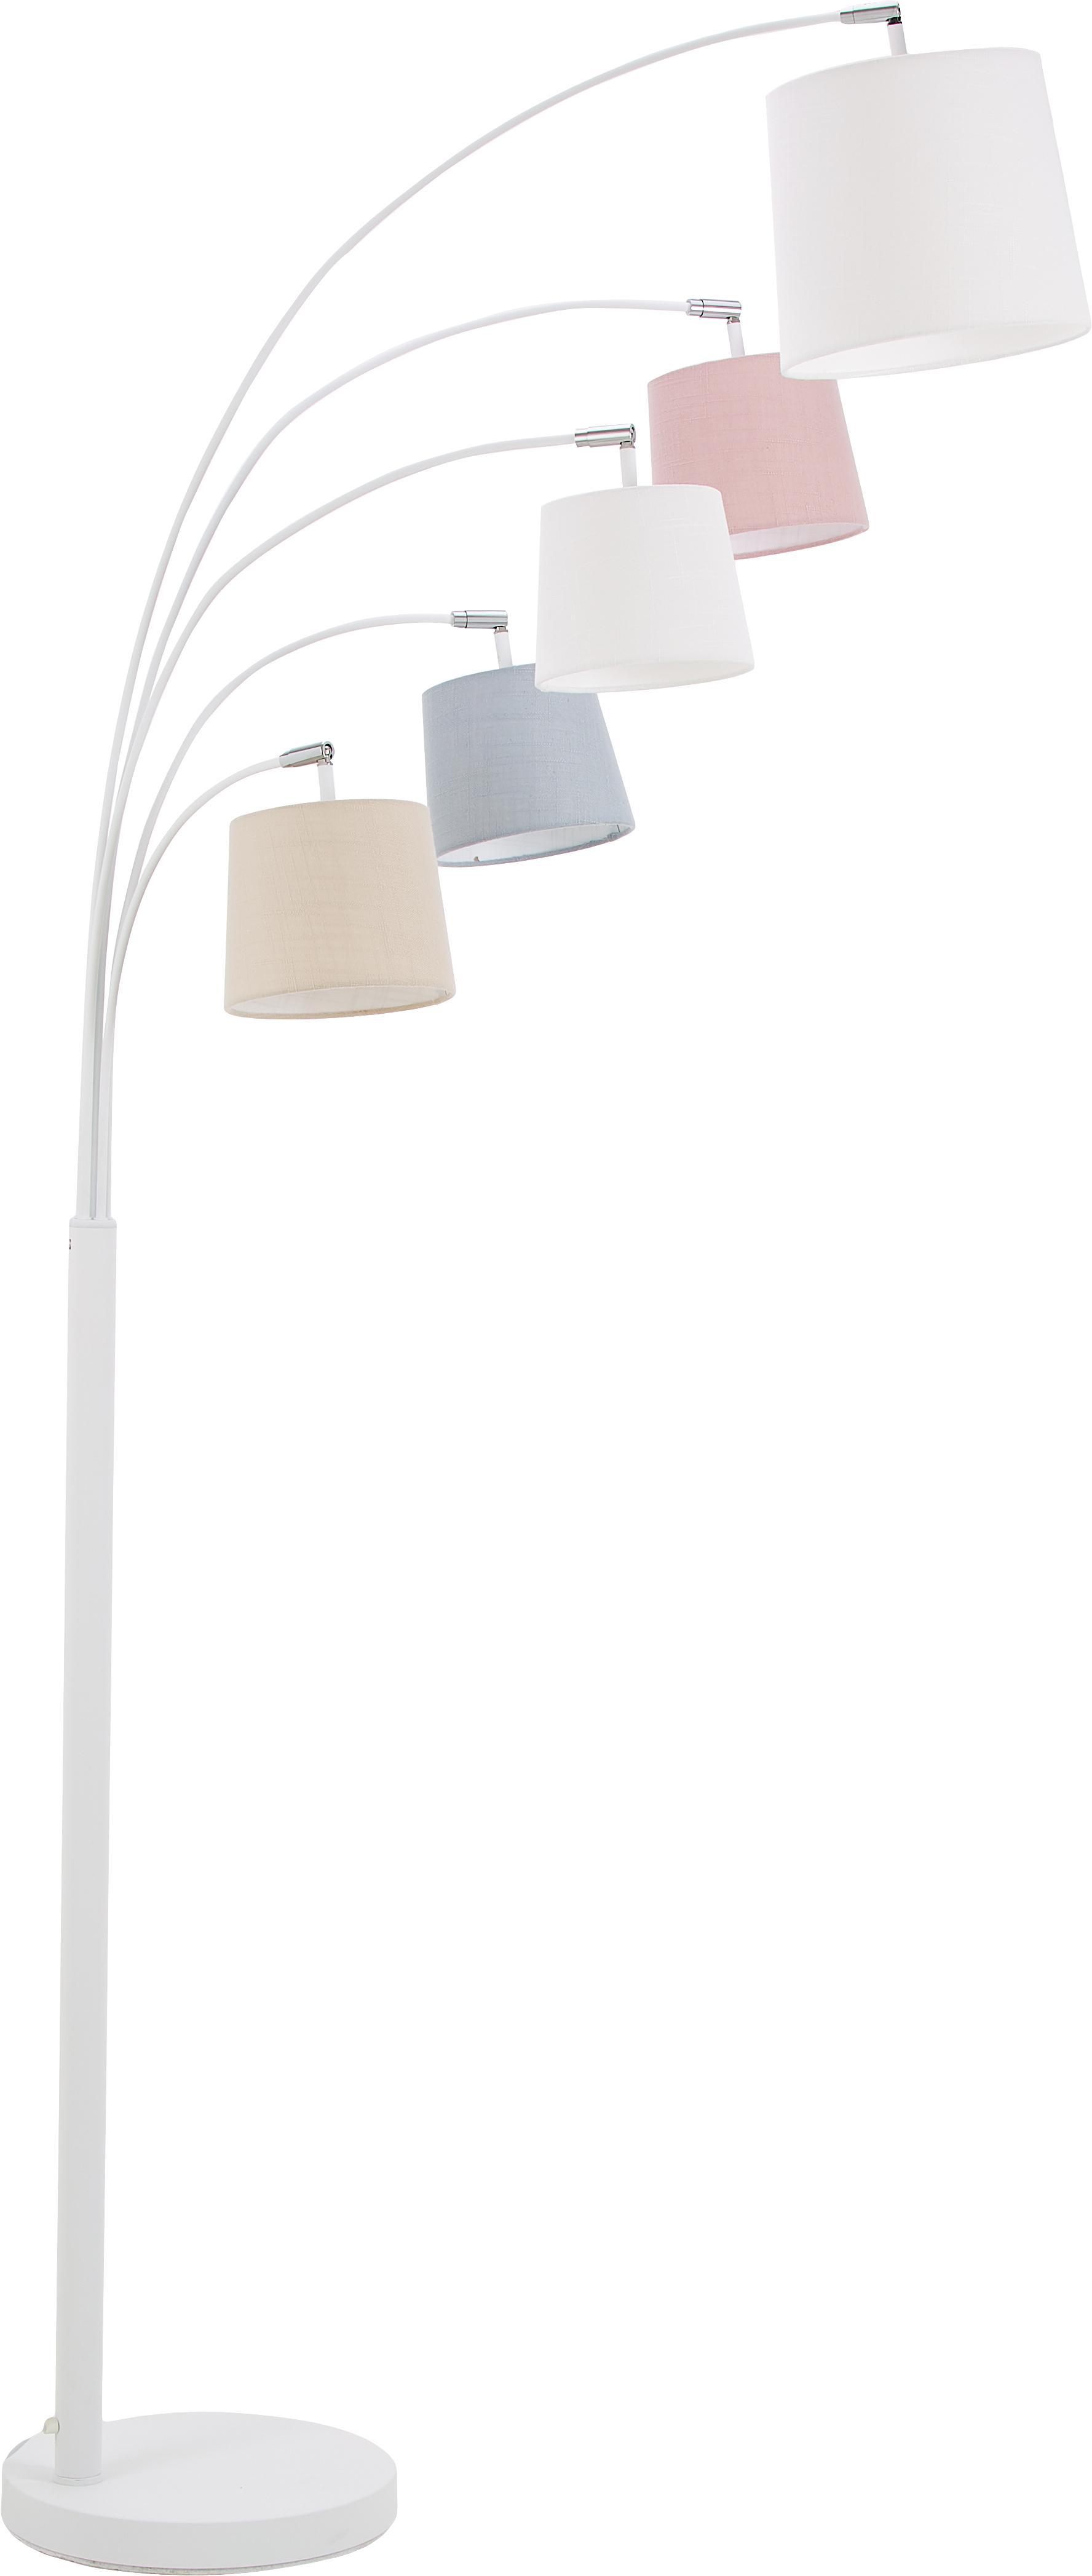 Vloerlamp Foggy, Lampenkap: polyester, katoen, Lampvoet: gelakt metaal, Wit, grijs, roze, 80 x 200 cm